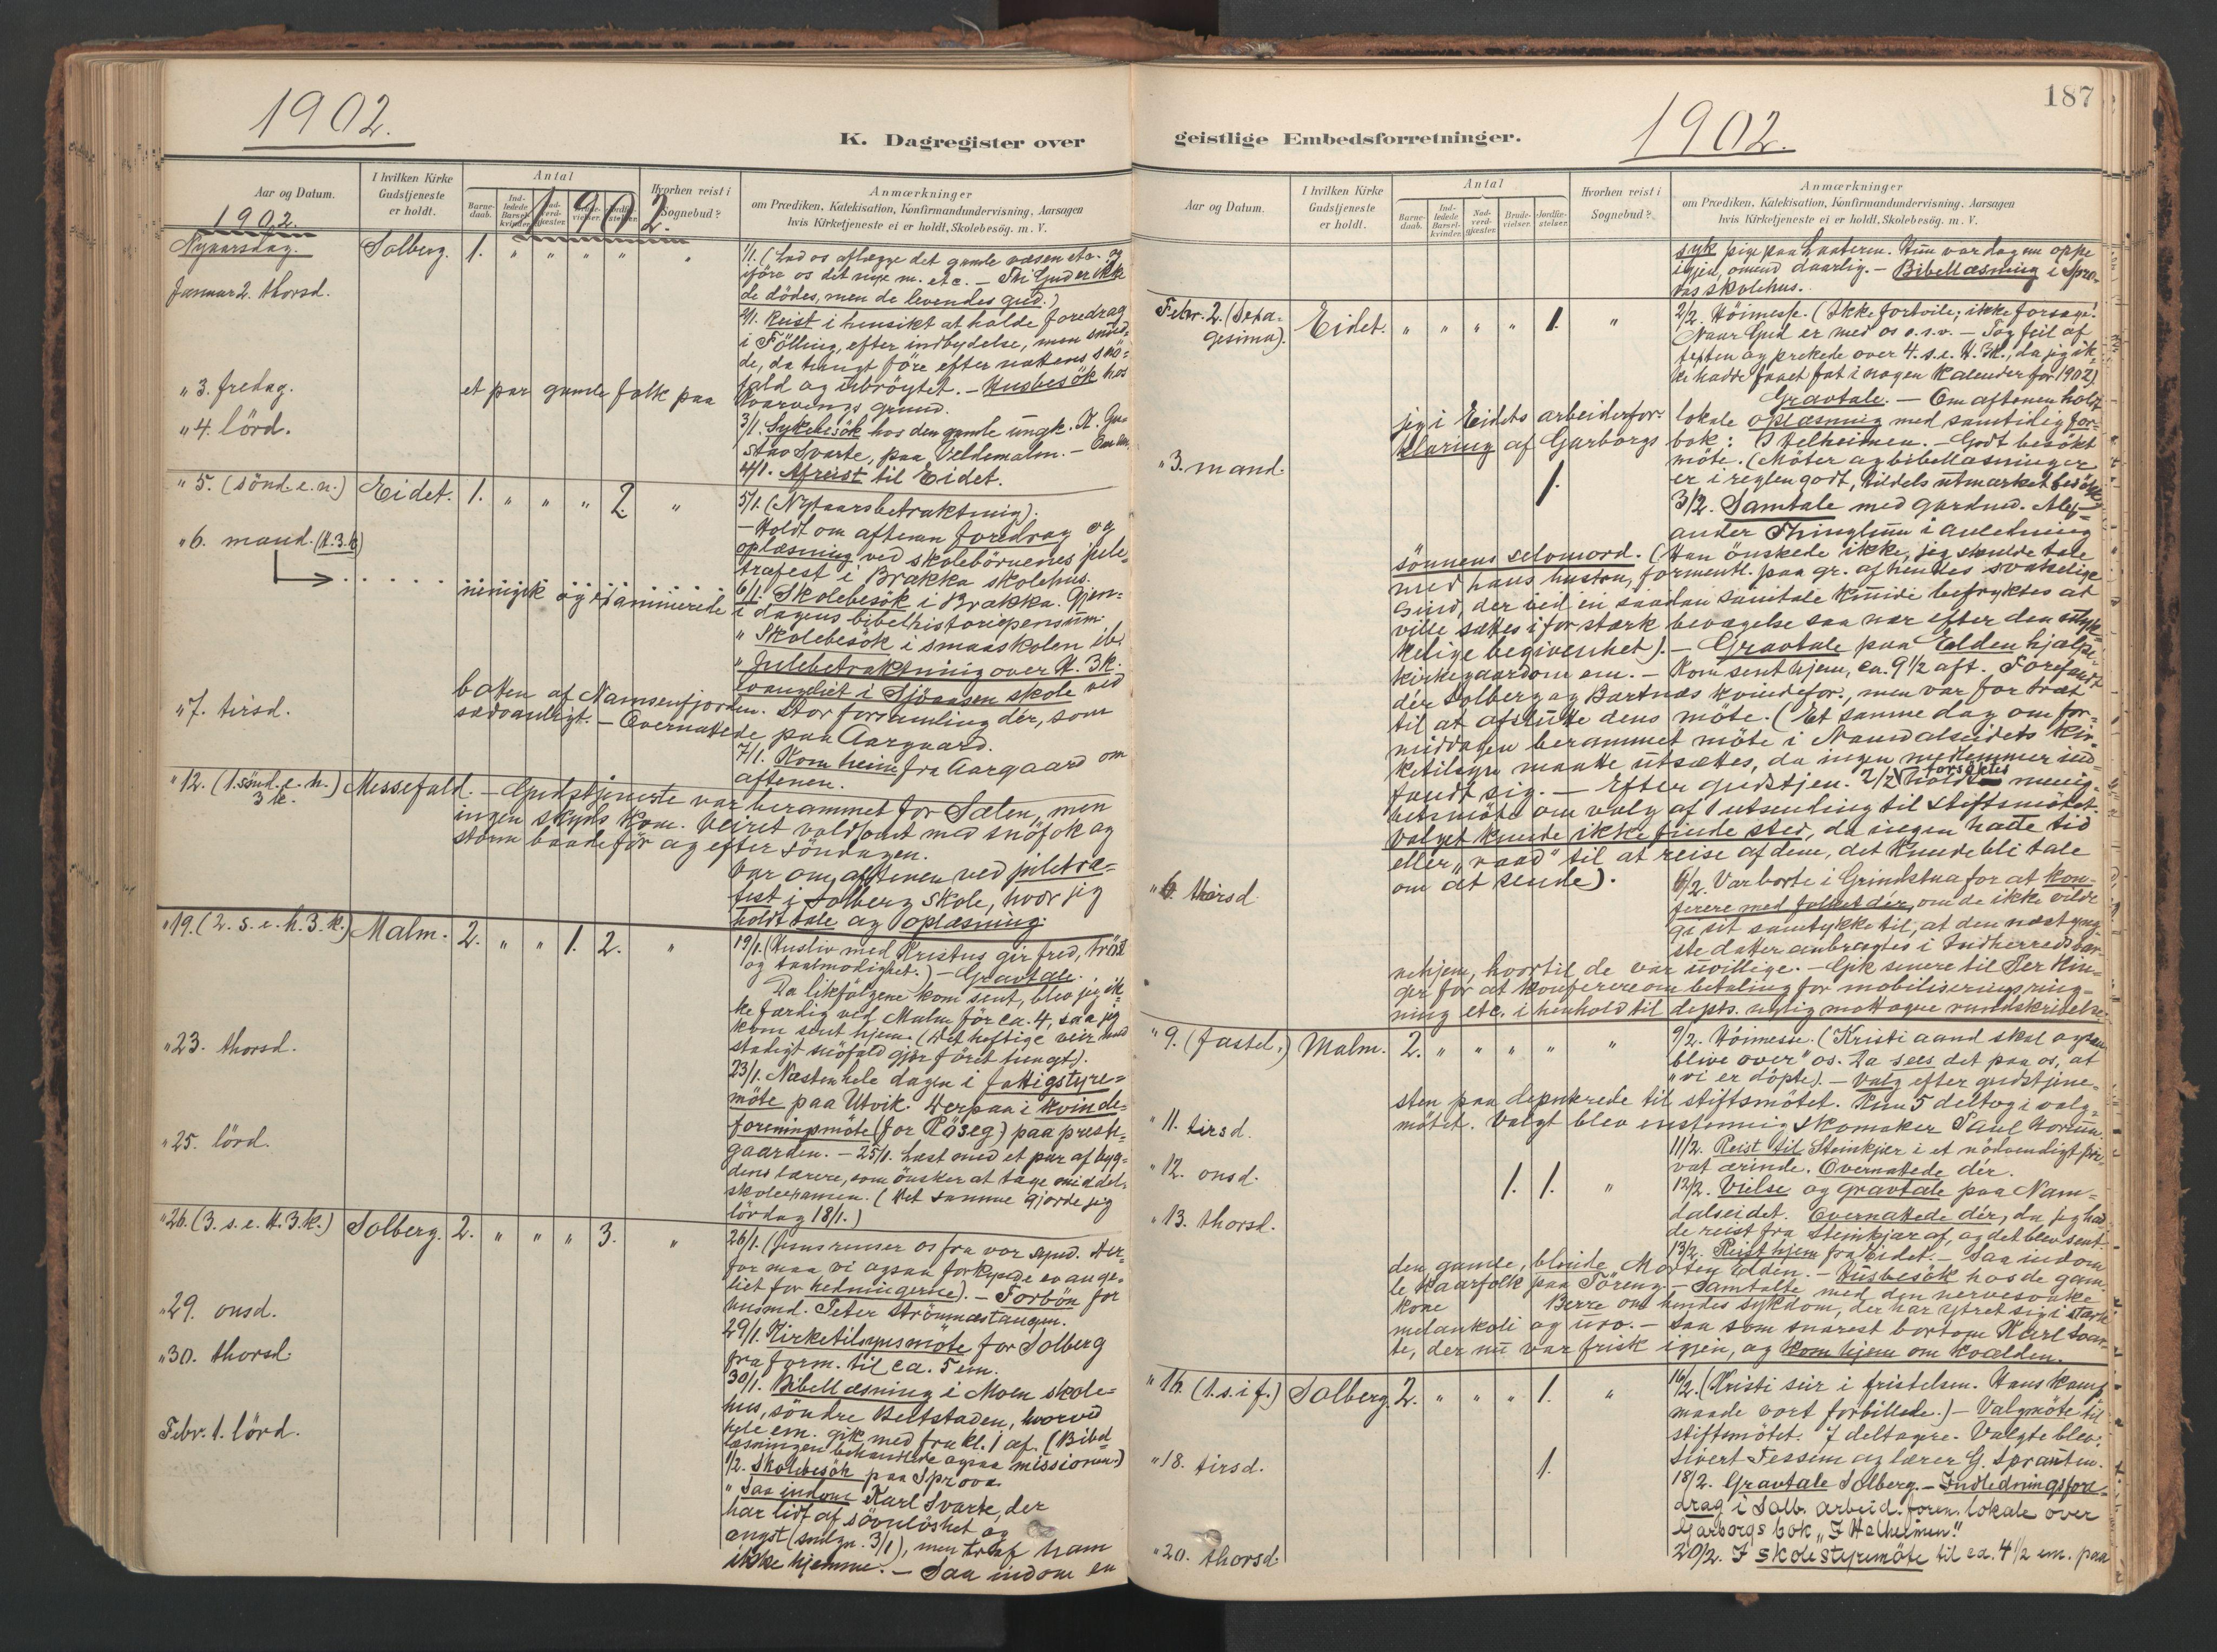 SAT, Ministerialprotokoller, klokkerbøker og fødselsregistre - Nord-Trøndelag, 741/L0397: Ministerialbok nr. 741A11, 1901-1911, s. 187